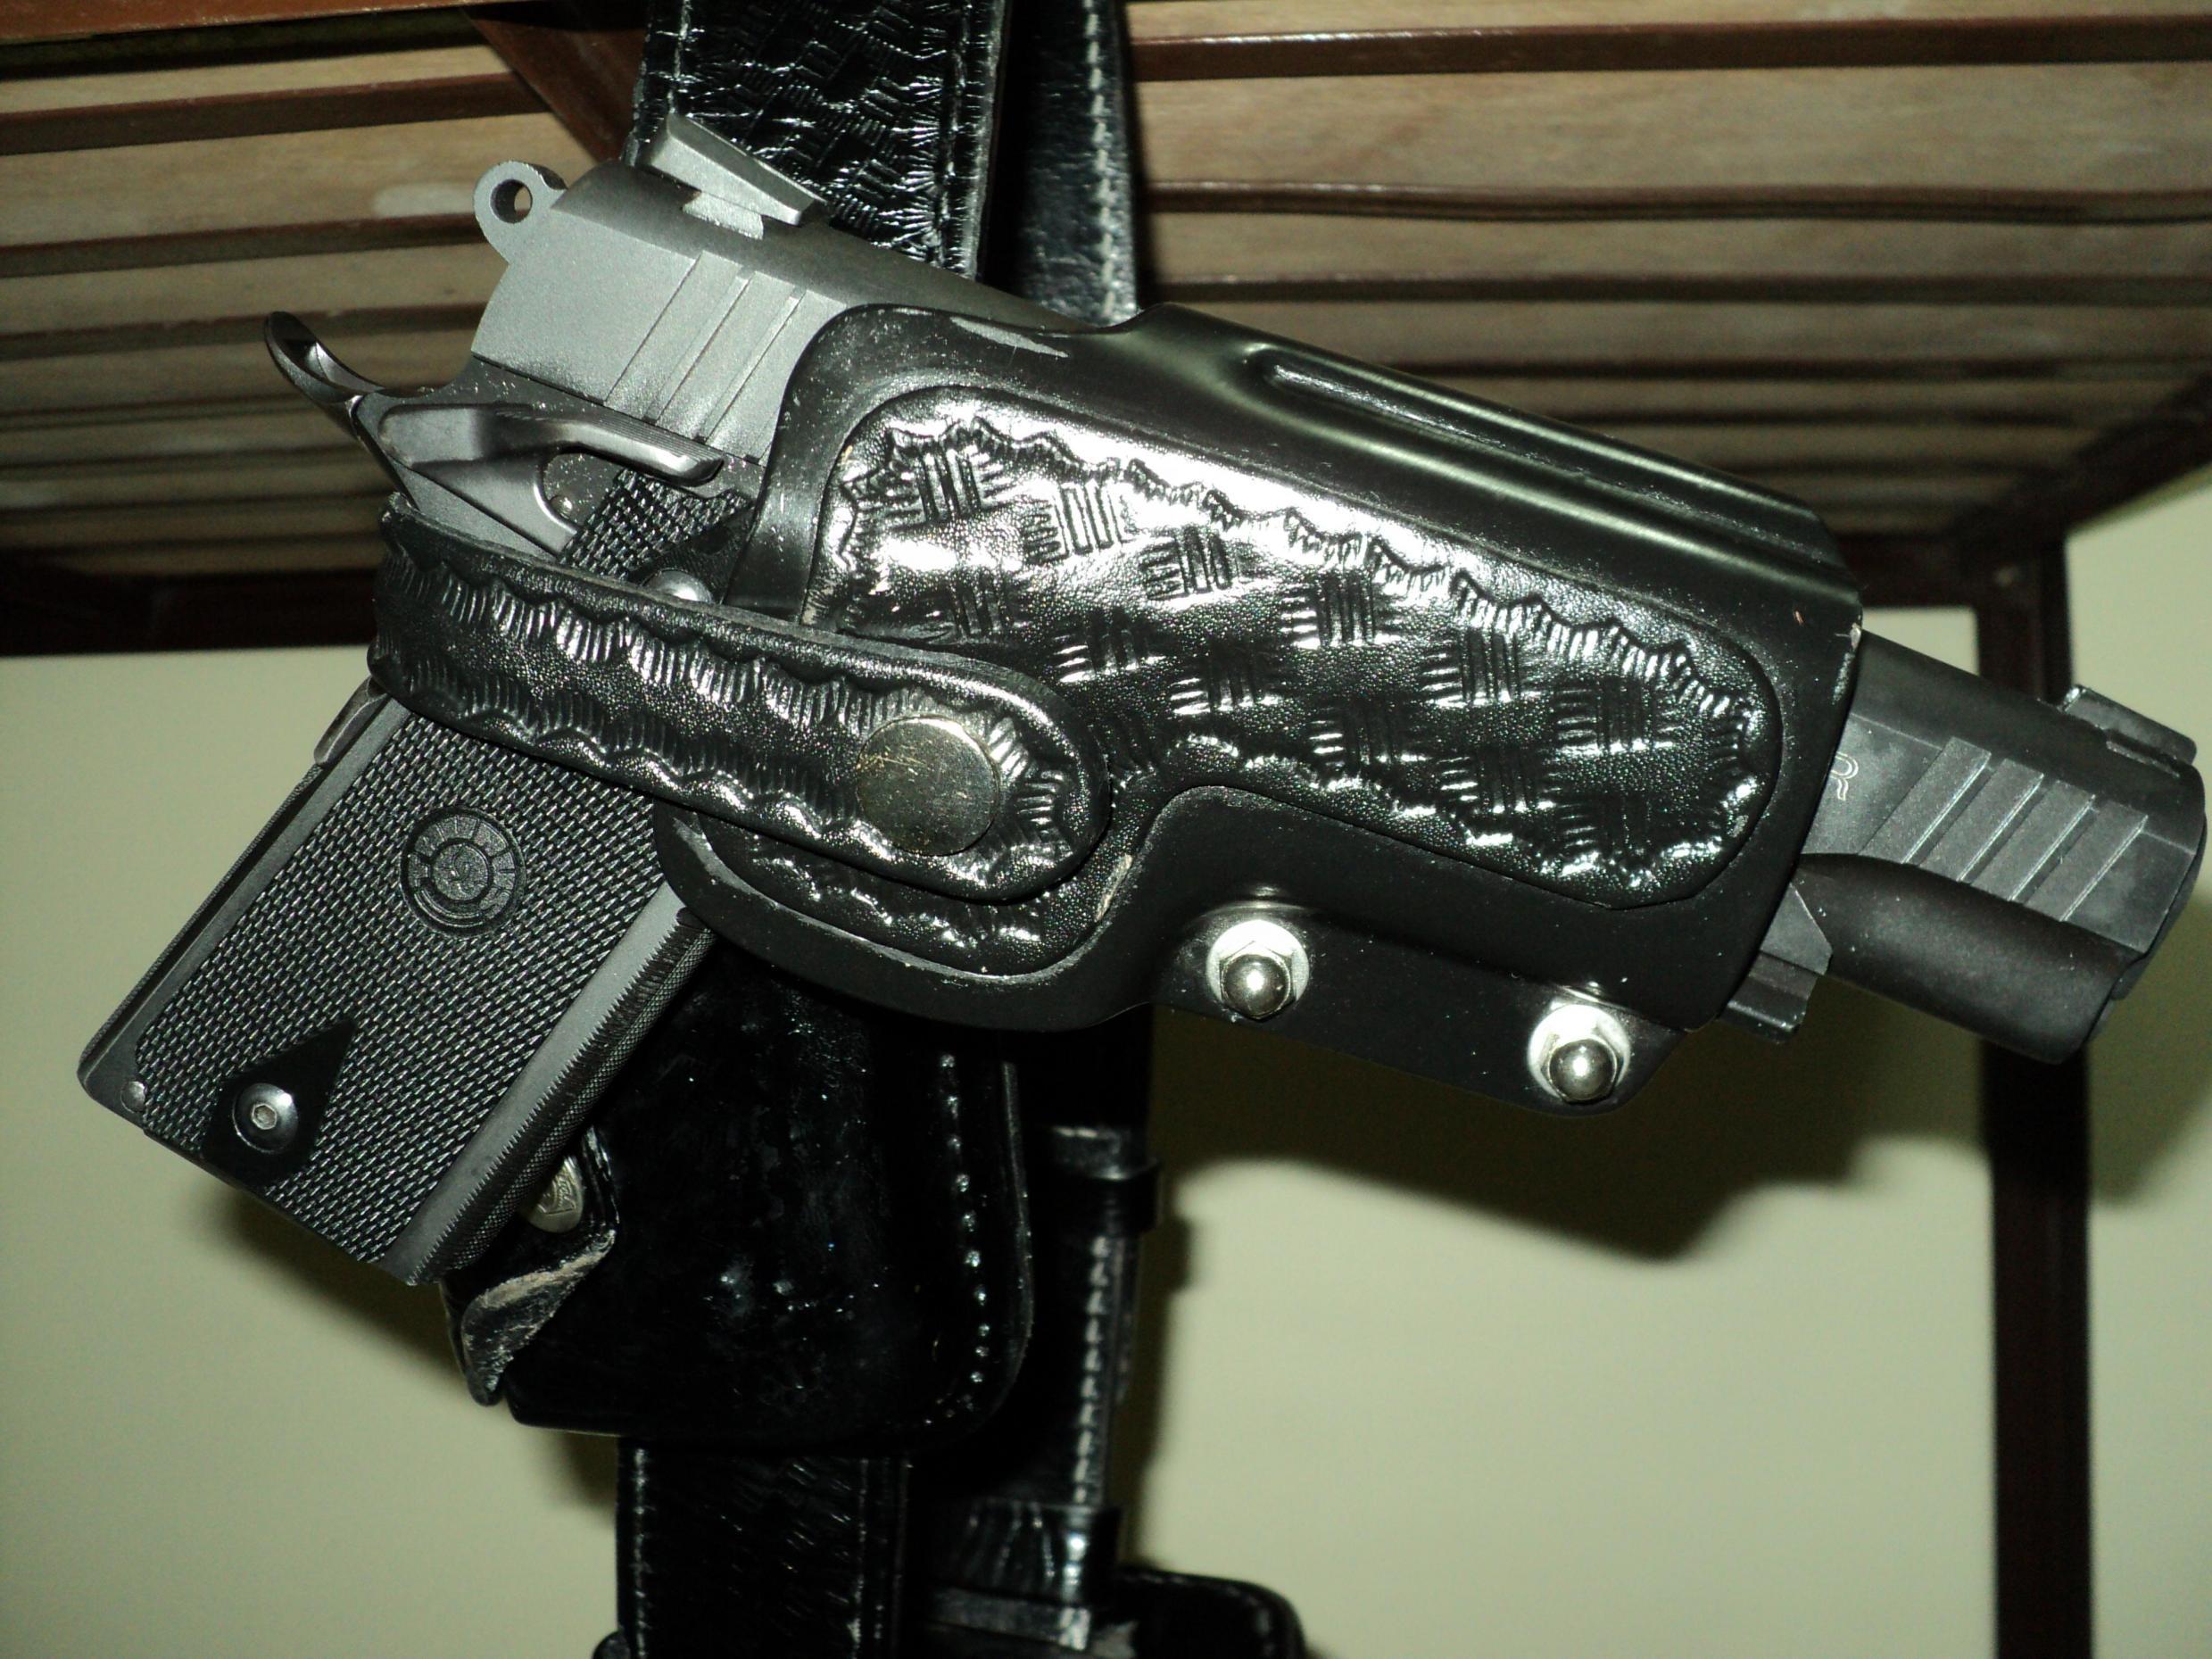 New Holster For My Taurus PT-1911 AR-tttttttttt.jpg